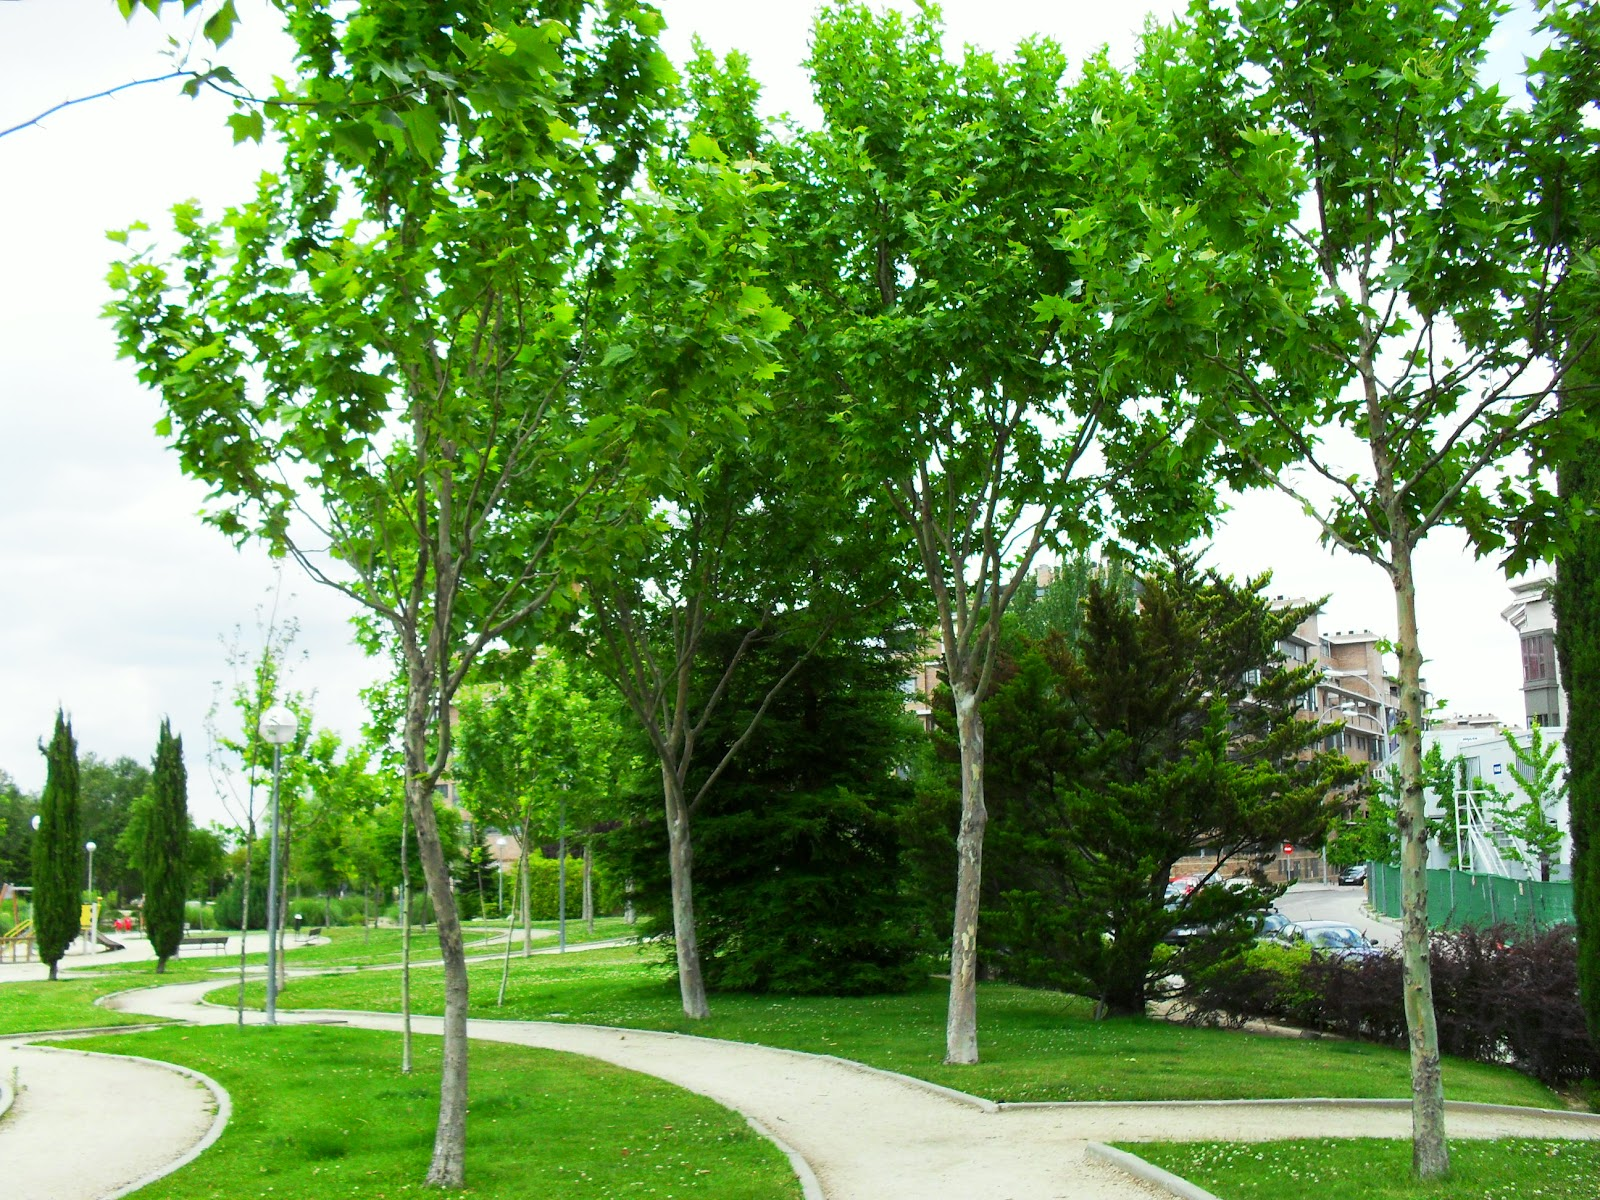 Arte y jardiner a perfecto uso de la curva en dise o for Jardineria paisajista